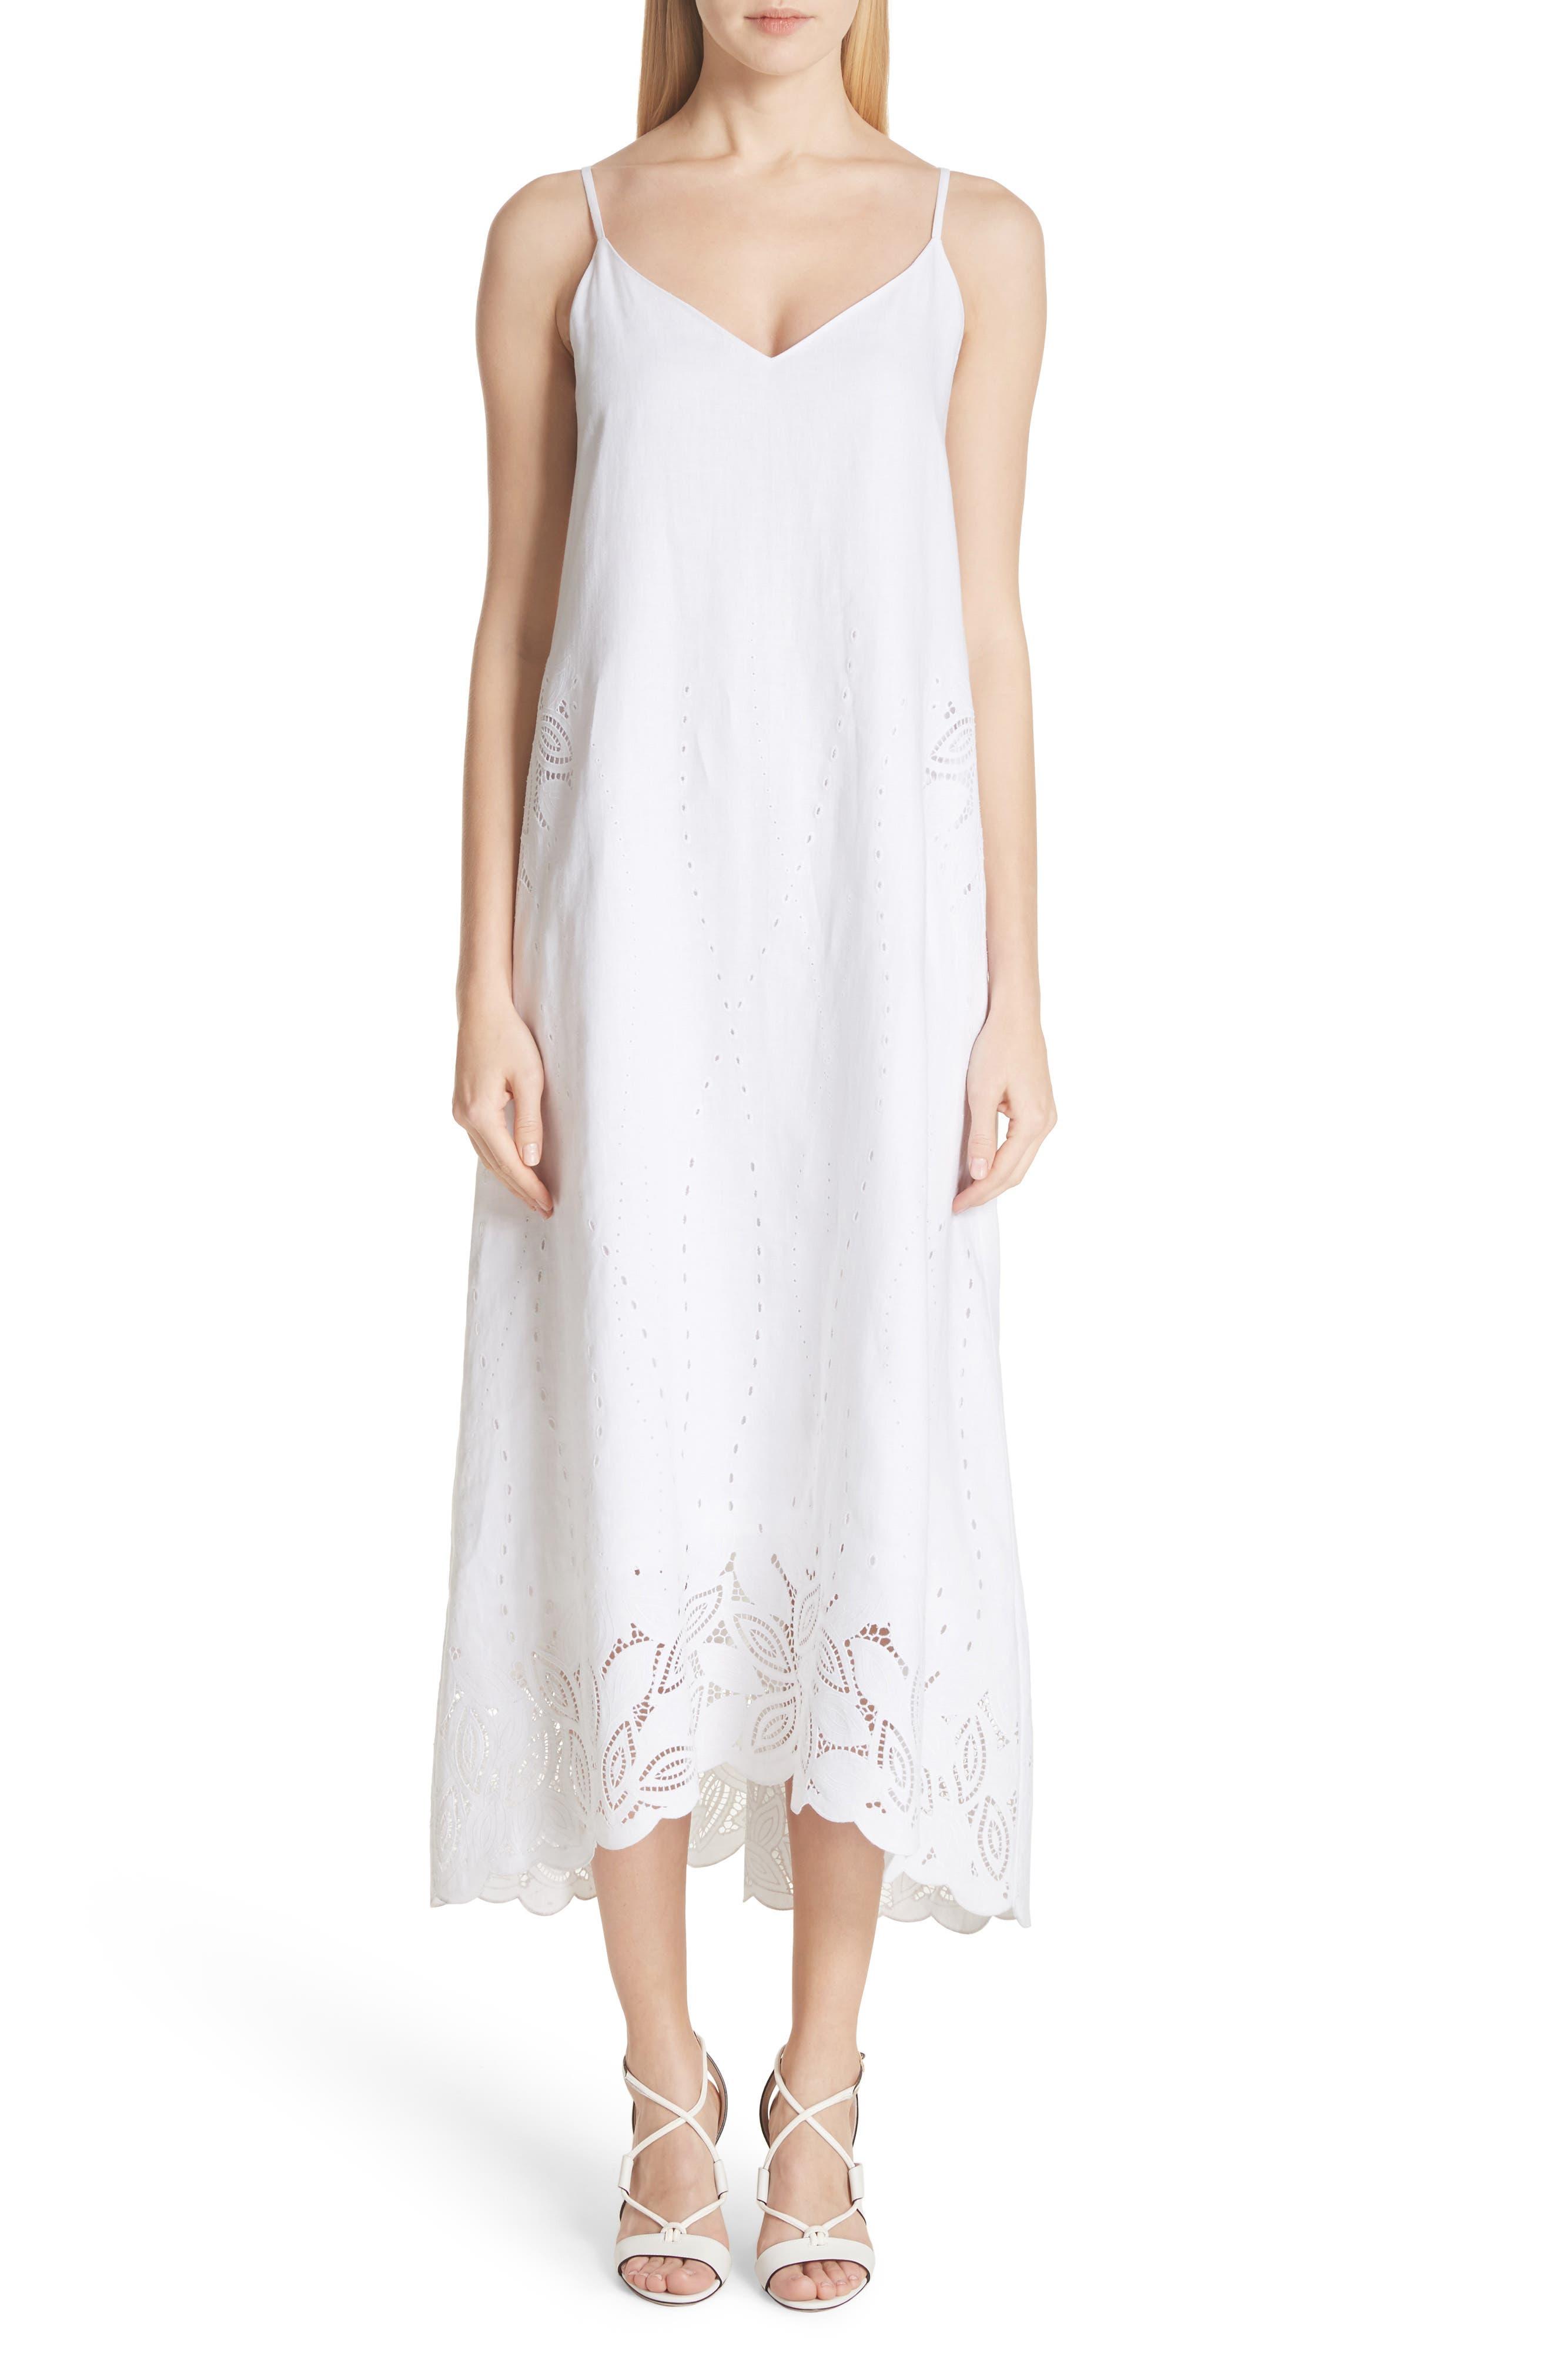 Dominique Linen Cutwork Dress,                         Main,                         color, 100